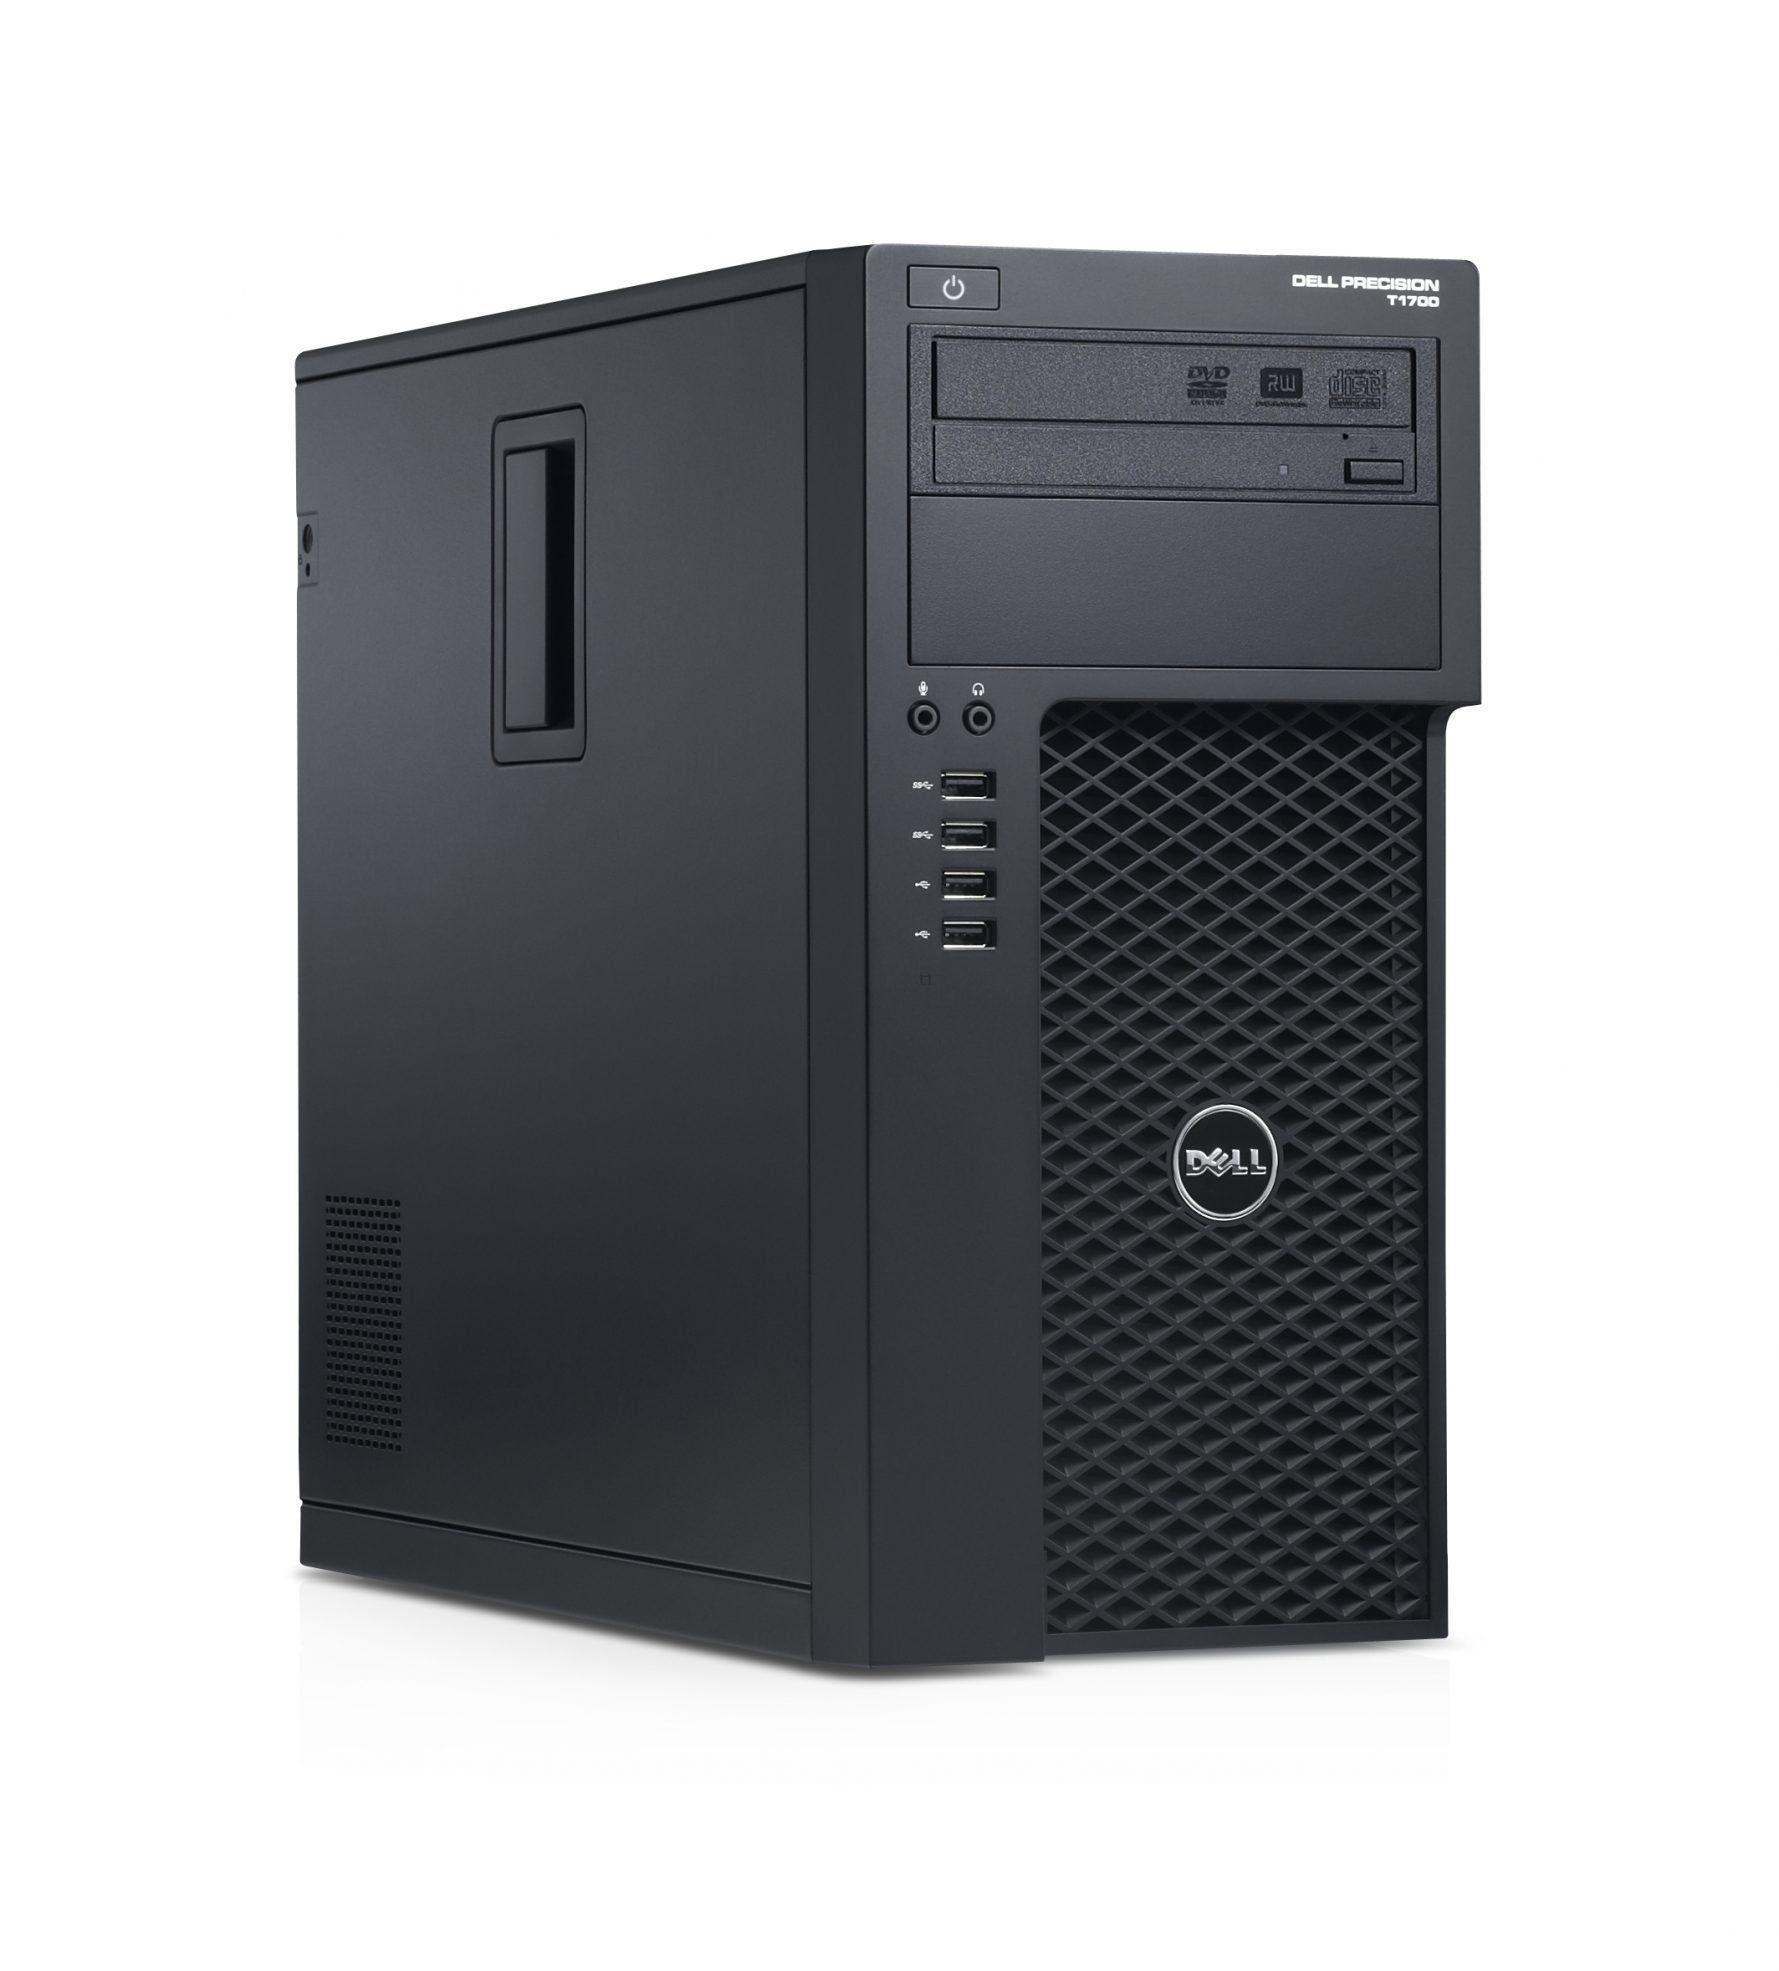 DELL Precision T1700 Disktop Mini Tower scaled e1610192676954